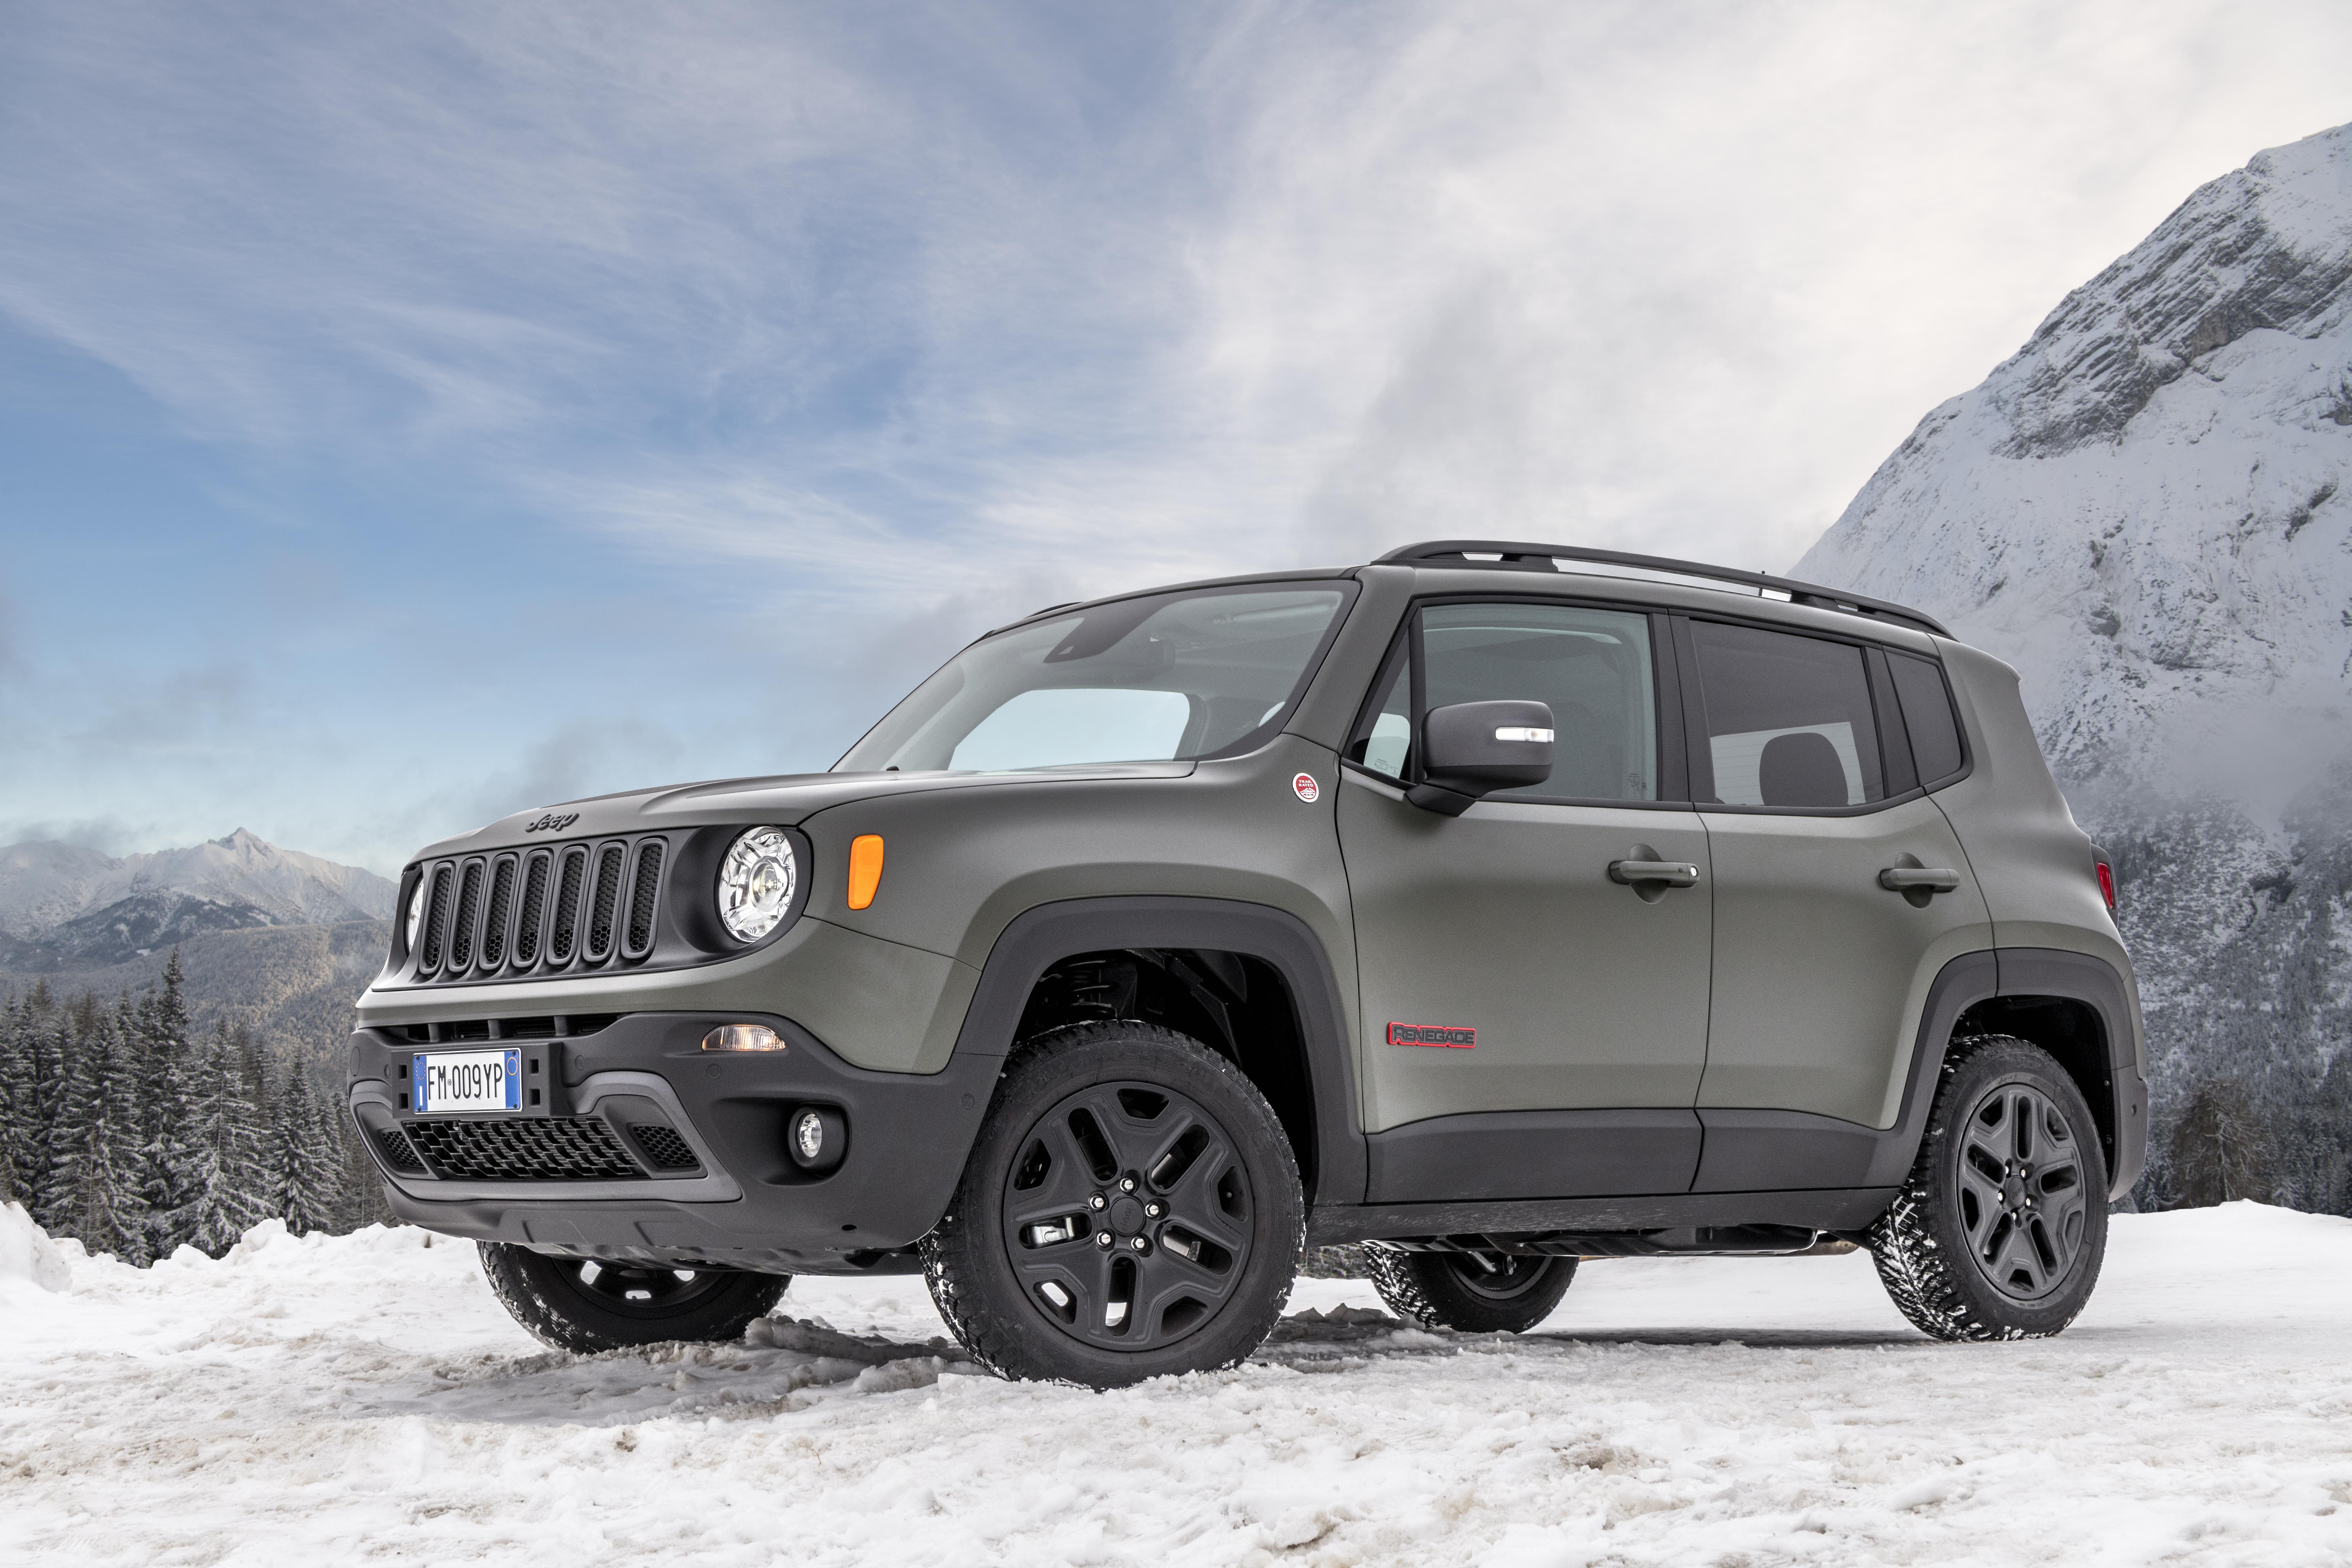 180129_Jeep_Renegade-my18_14 Noul Jeep Renegade 2019 a fost dezvaluit la Salonul Auto de la Torino